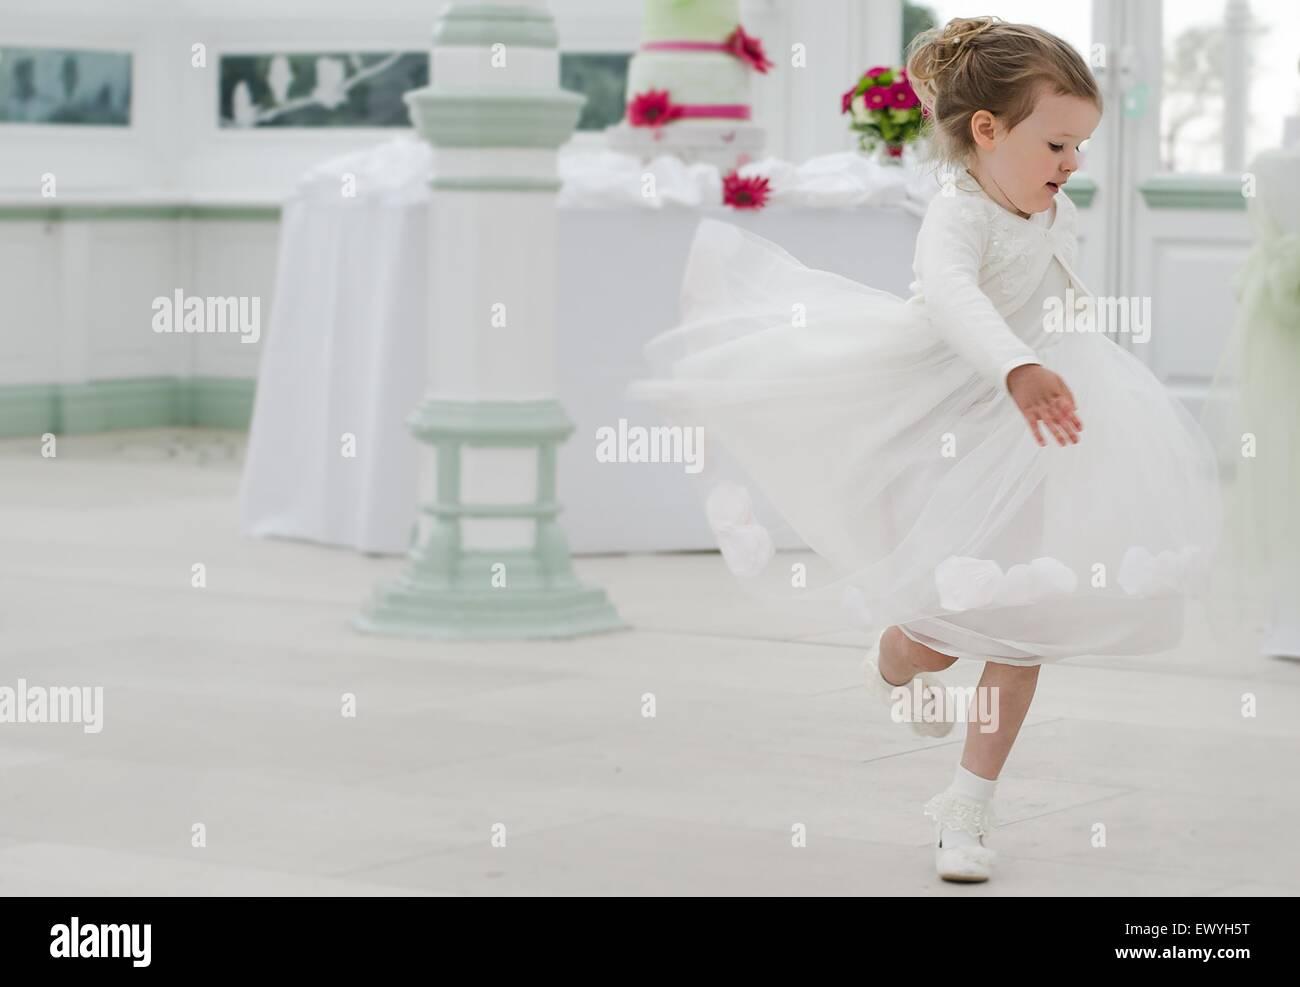 Bridesmaid bailando en una boda Imagen De Stock